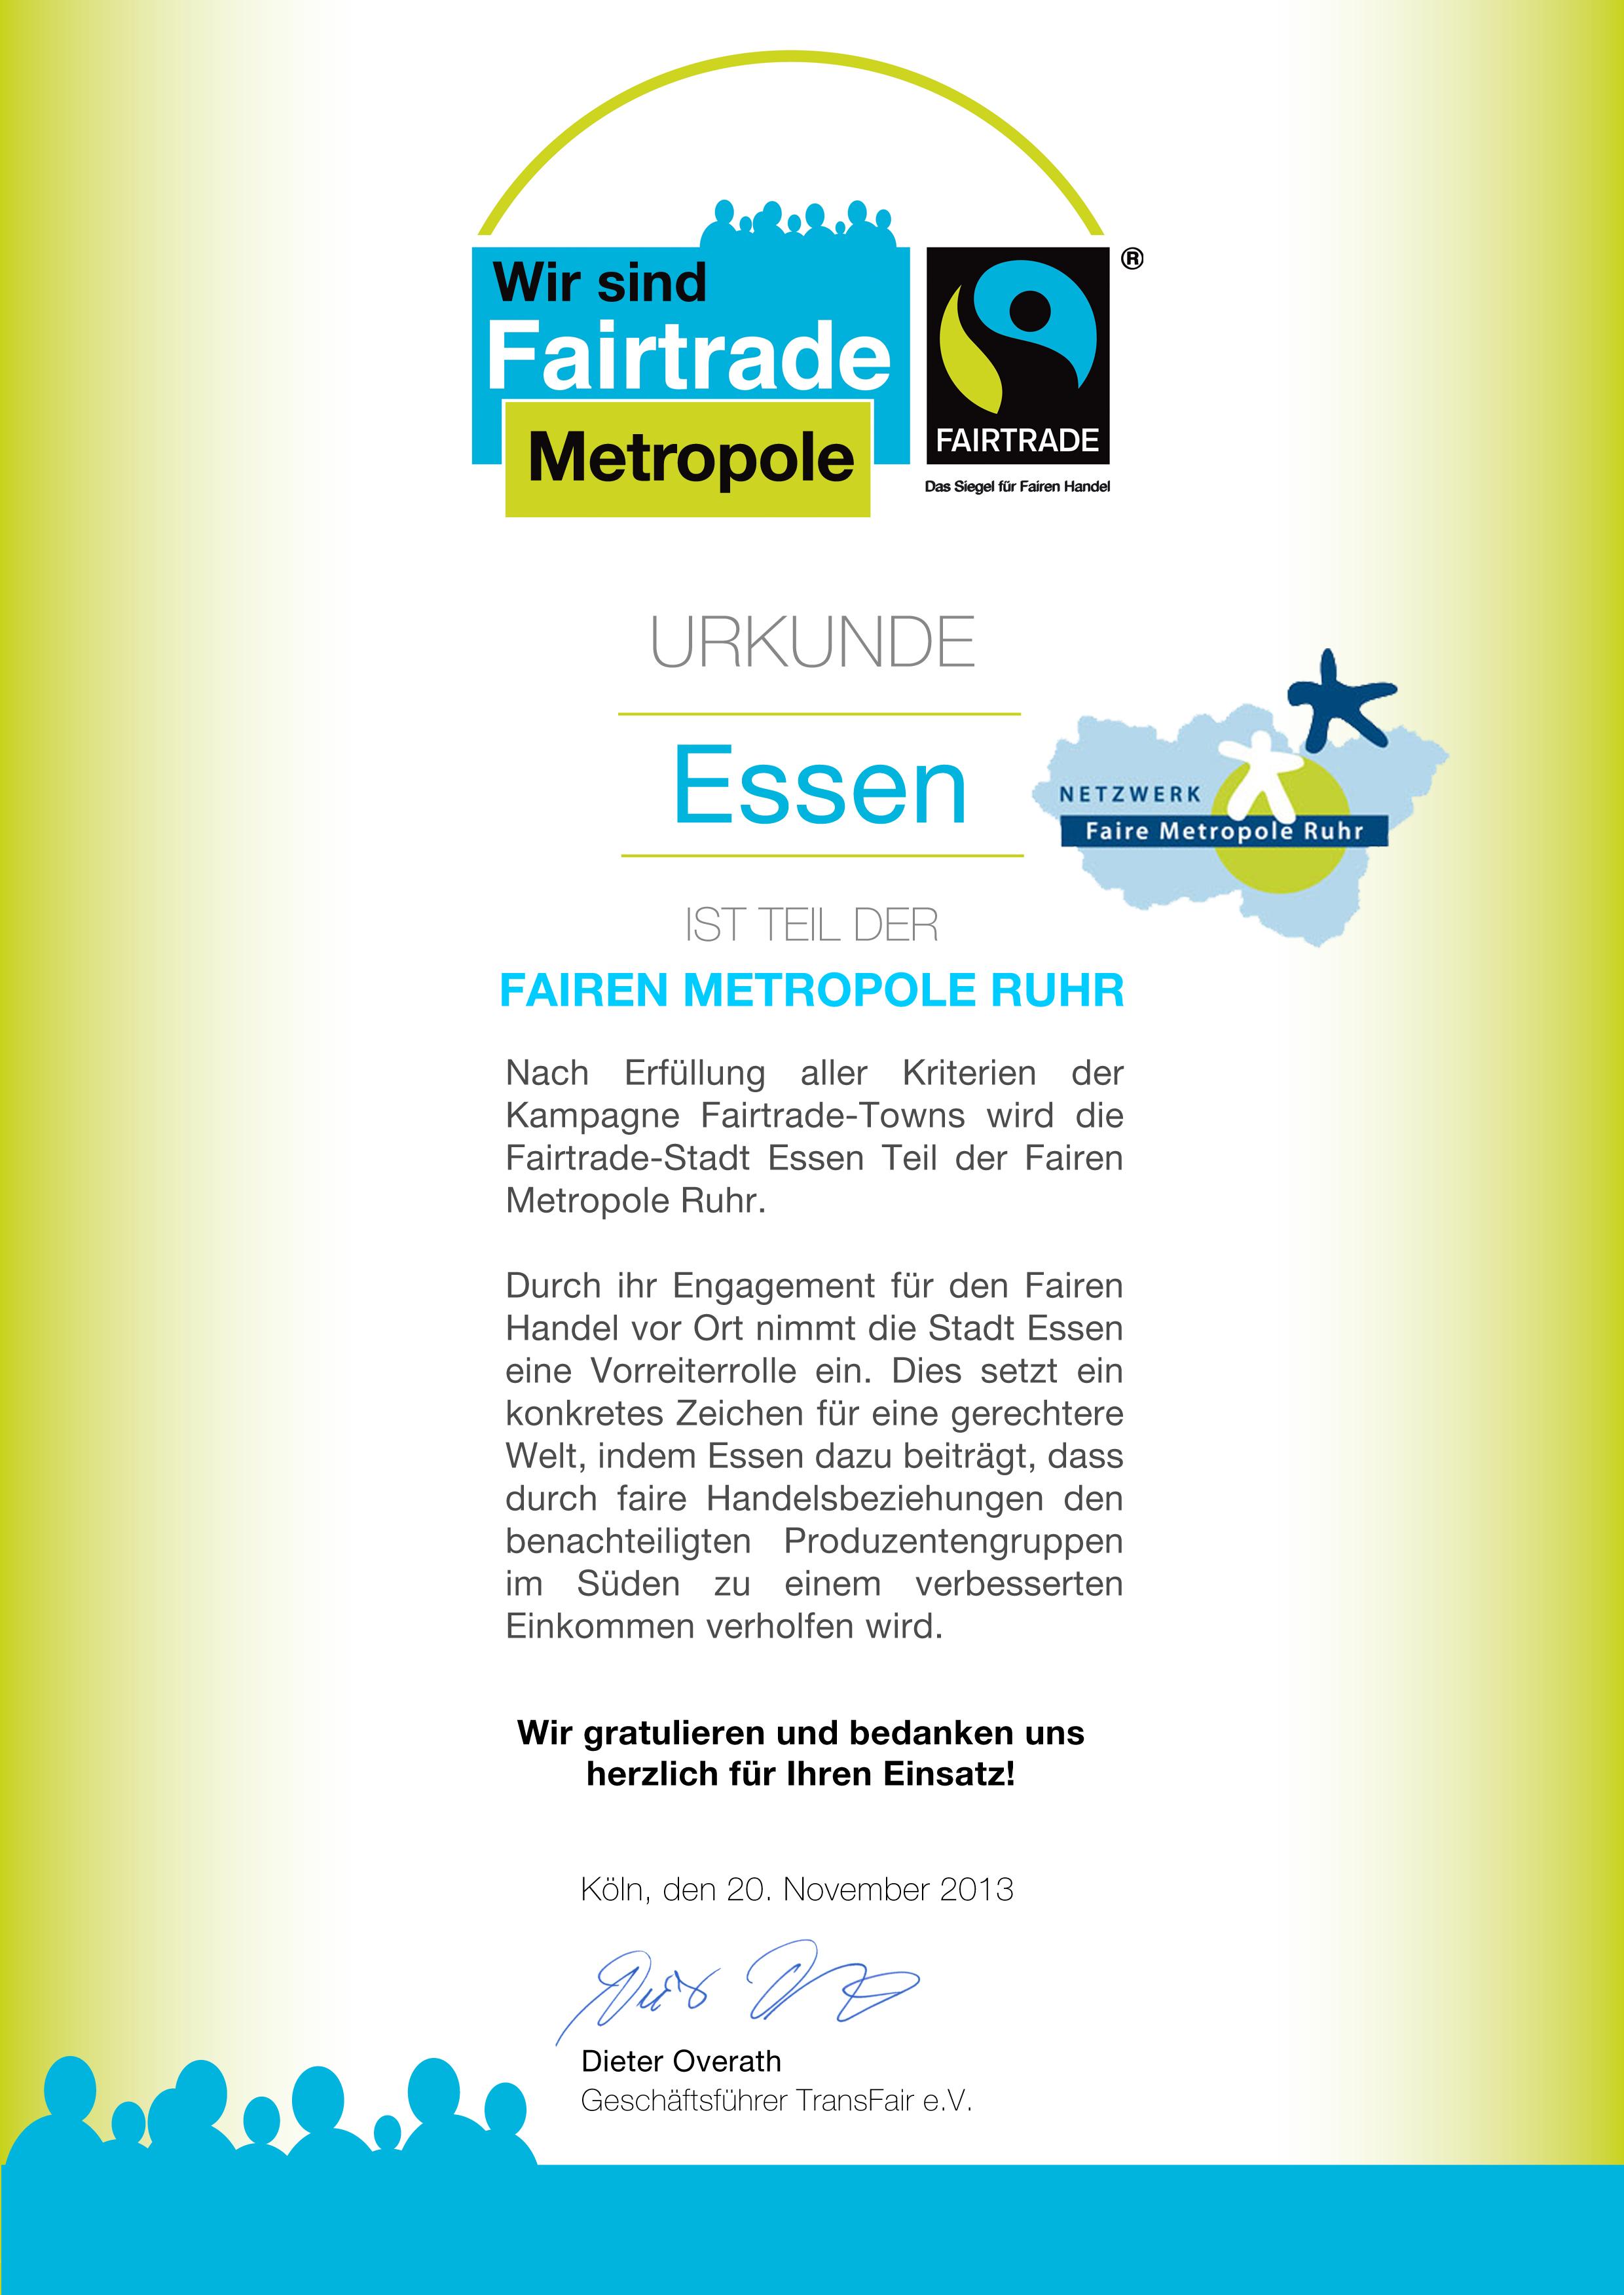 Urkunde: Essen ist Teil der Fairen Metropole Ruhr 2013